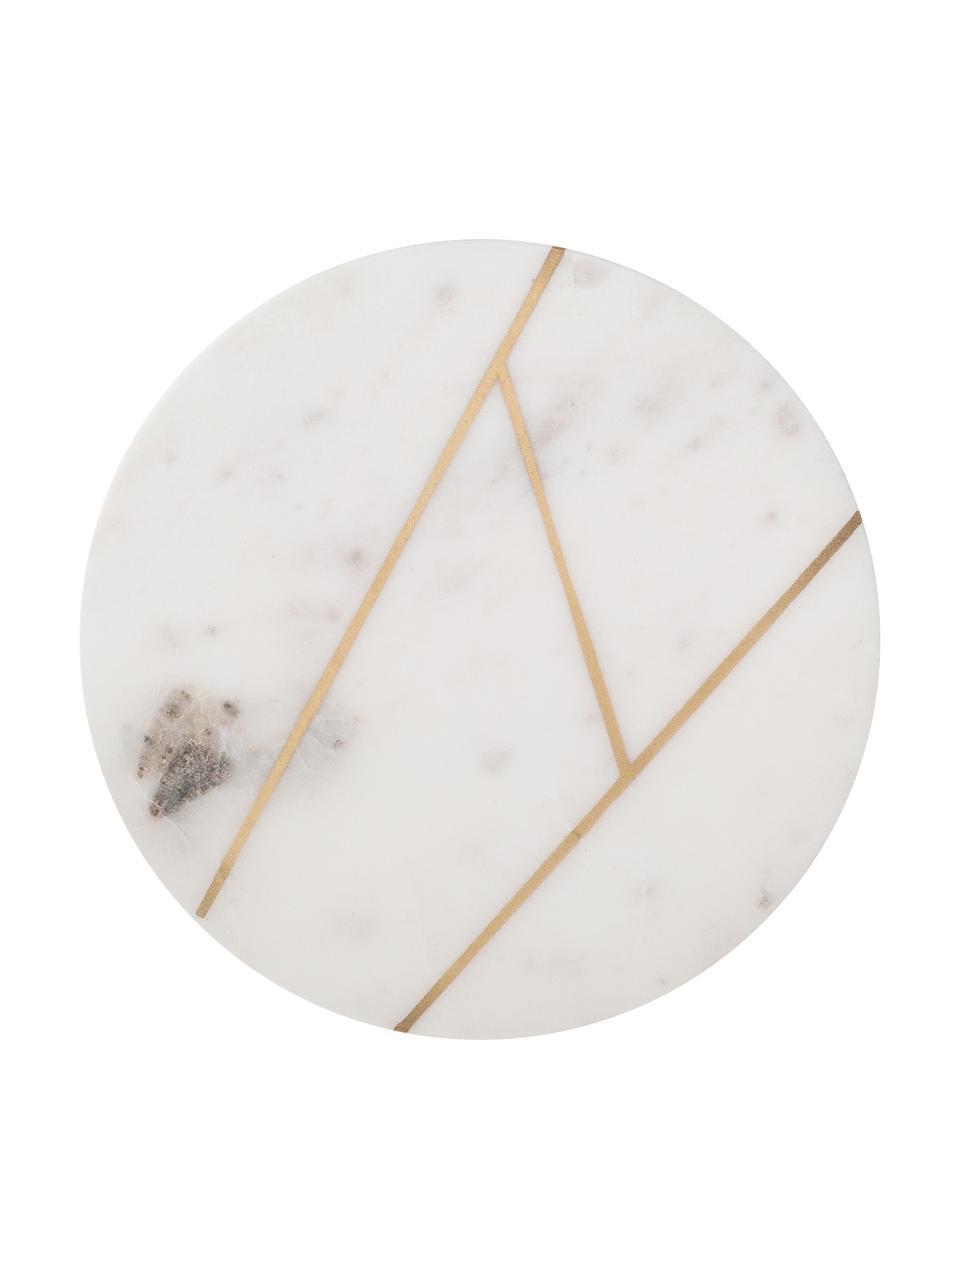 Komplet desek z marmuru Marble, 2elem., Marmur, Biały, marmurowy, odcienie złotego, Ø 18 cm